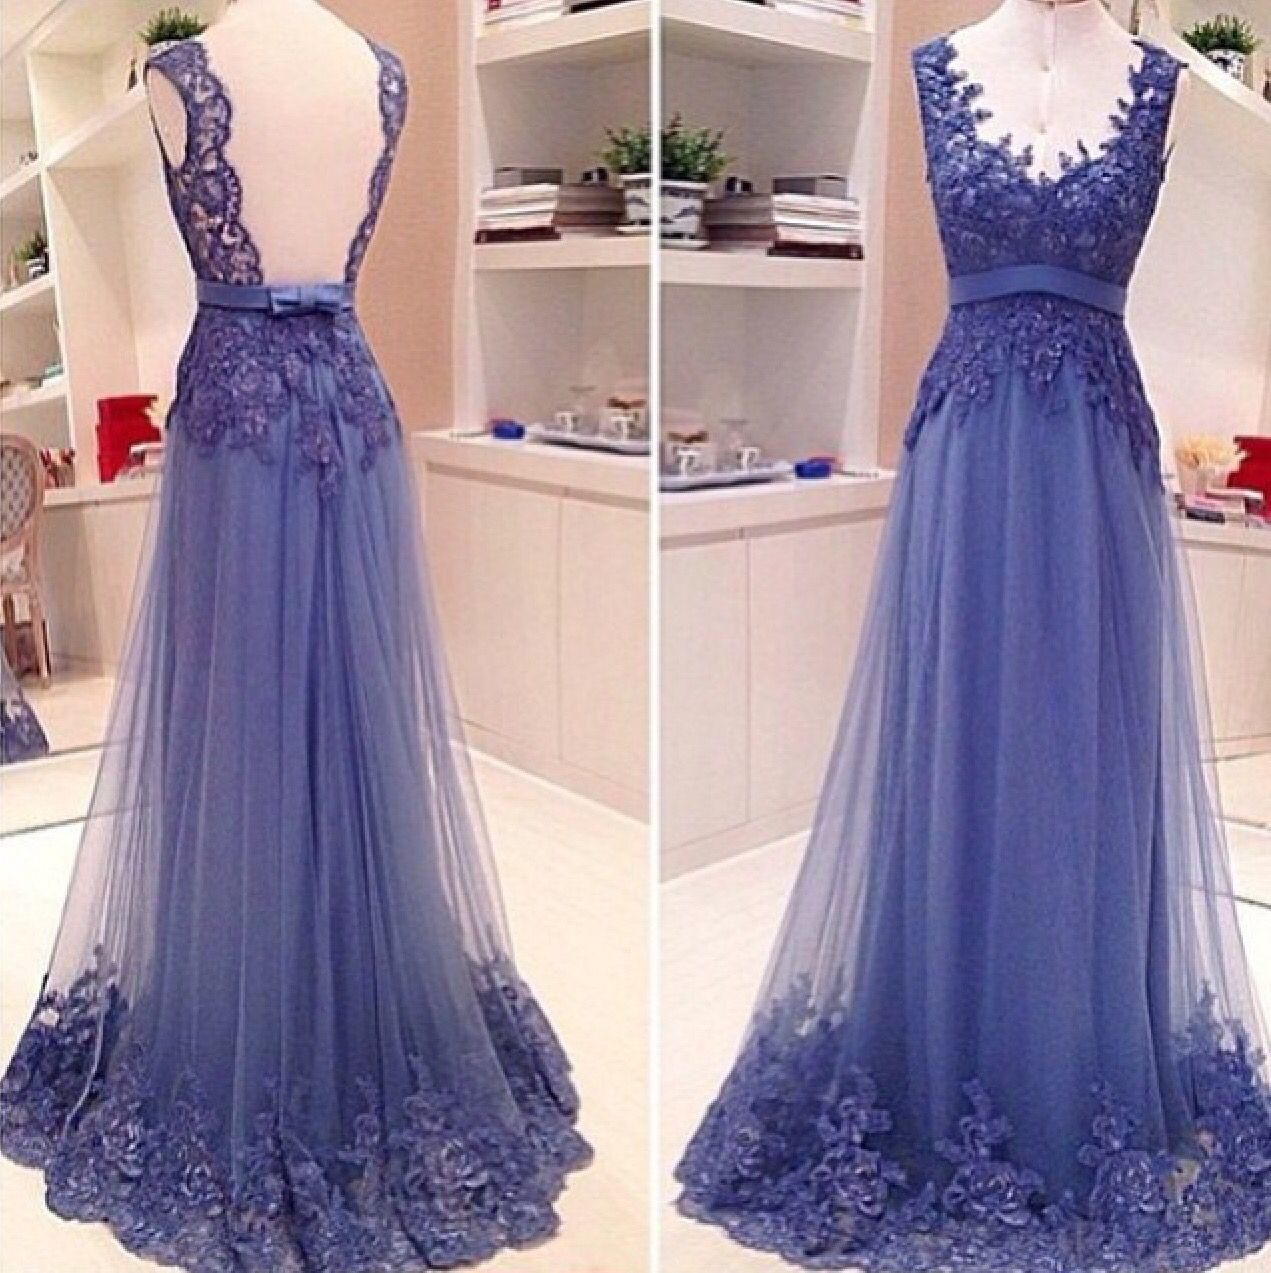 Bridesmaid dress goals   Wedding   Pinterest   Noche, Vestiditos y ...